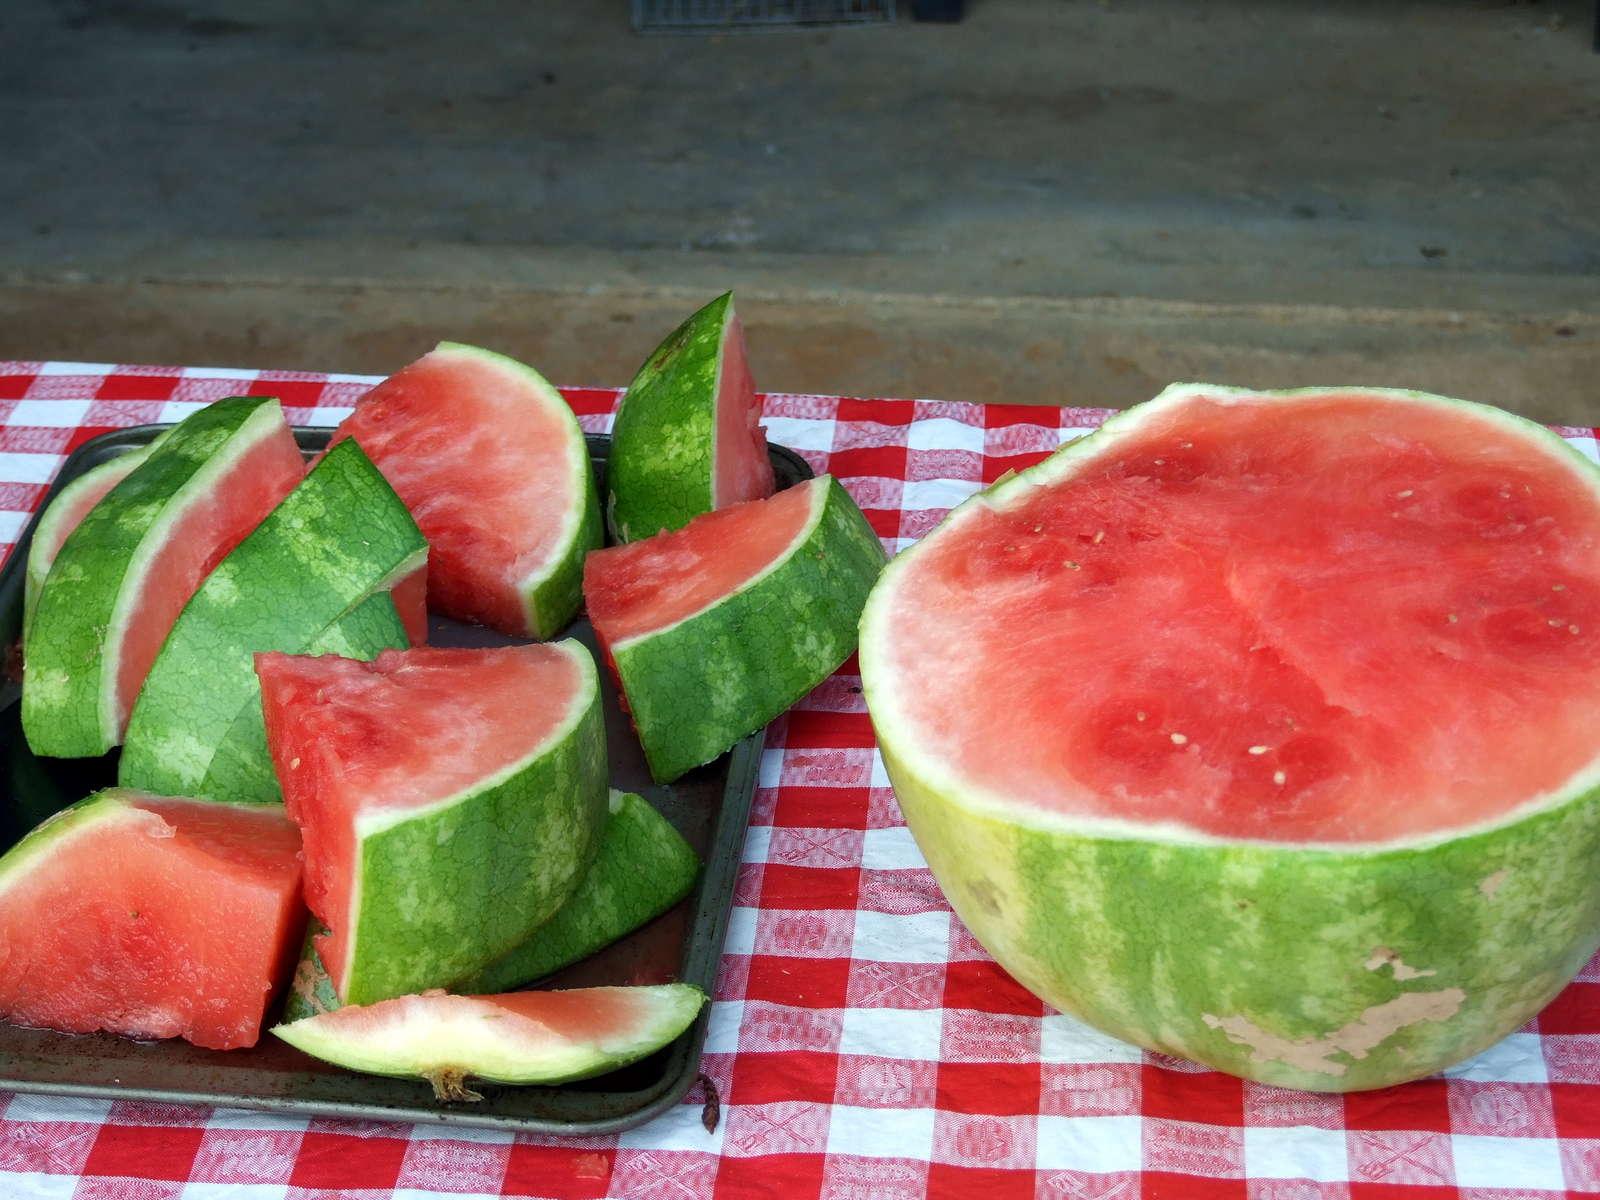 wassermelonen slicer melonen kinderleicht aufschneiden plantura. Black Bedroom Furniture Sets. Home Design Ideas